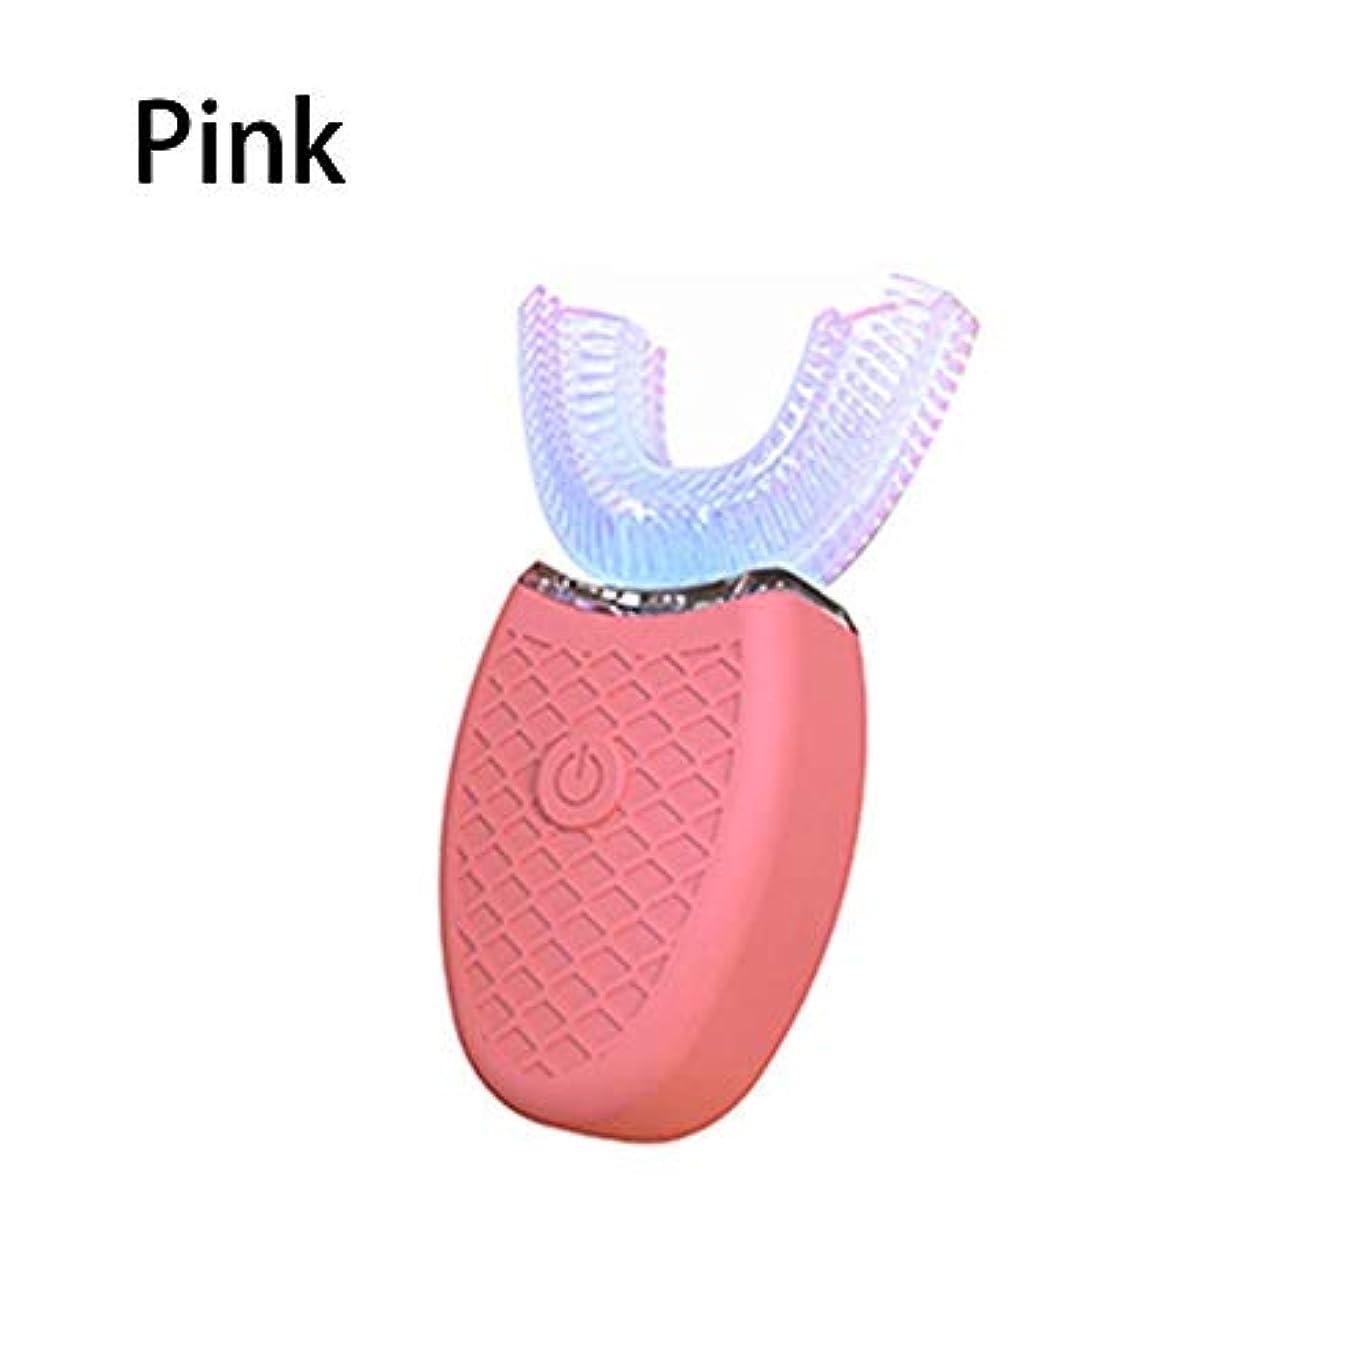 真っ逆さまプレゼントラバU型電動歯ブラシ超音波自動歯ブラシ 360°包囲清掃歯 怠け者歯ブラシ USB充電 IPX7防水 自動歯ブラシ